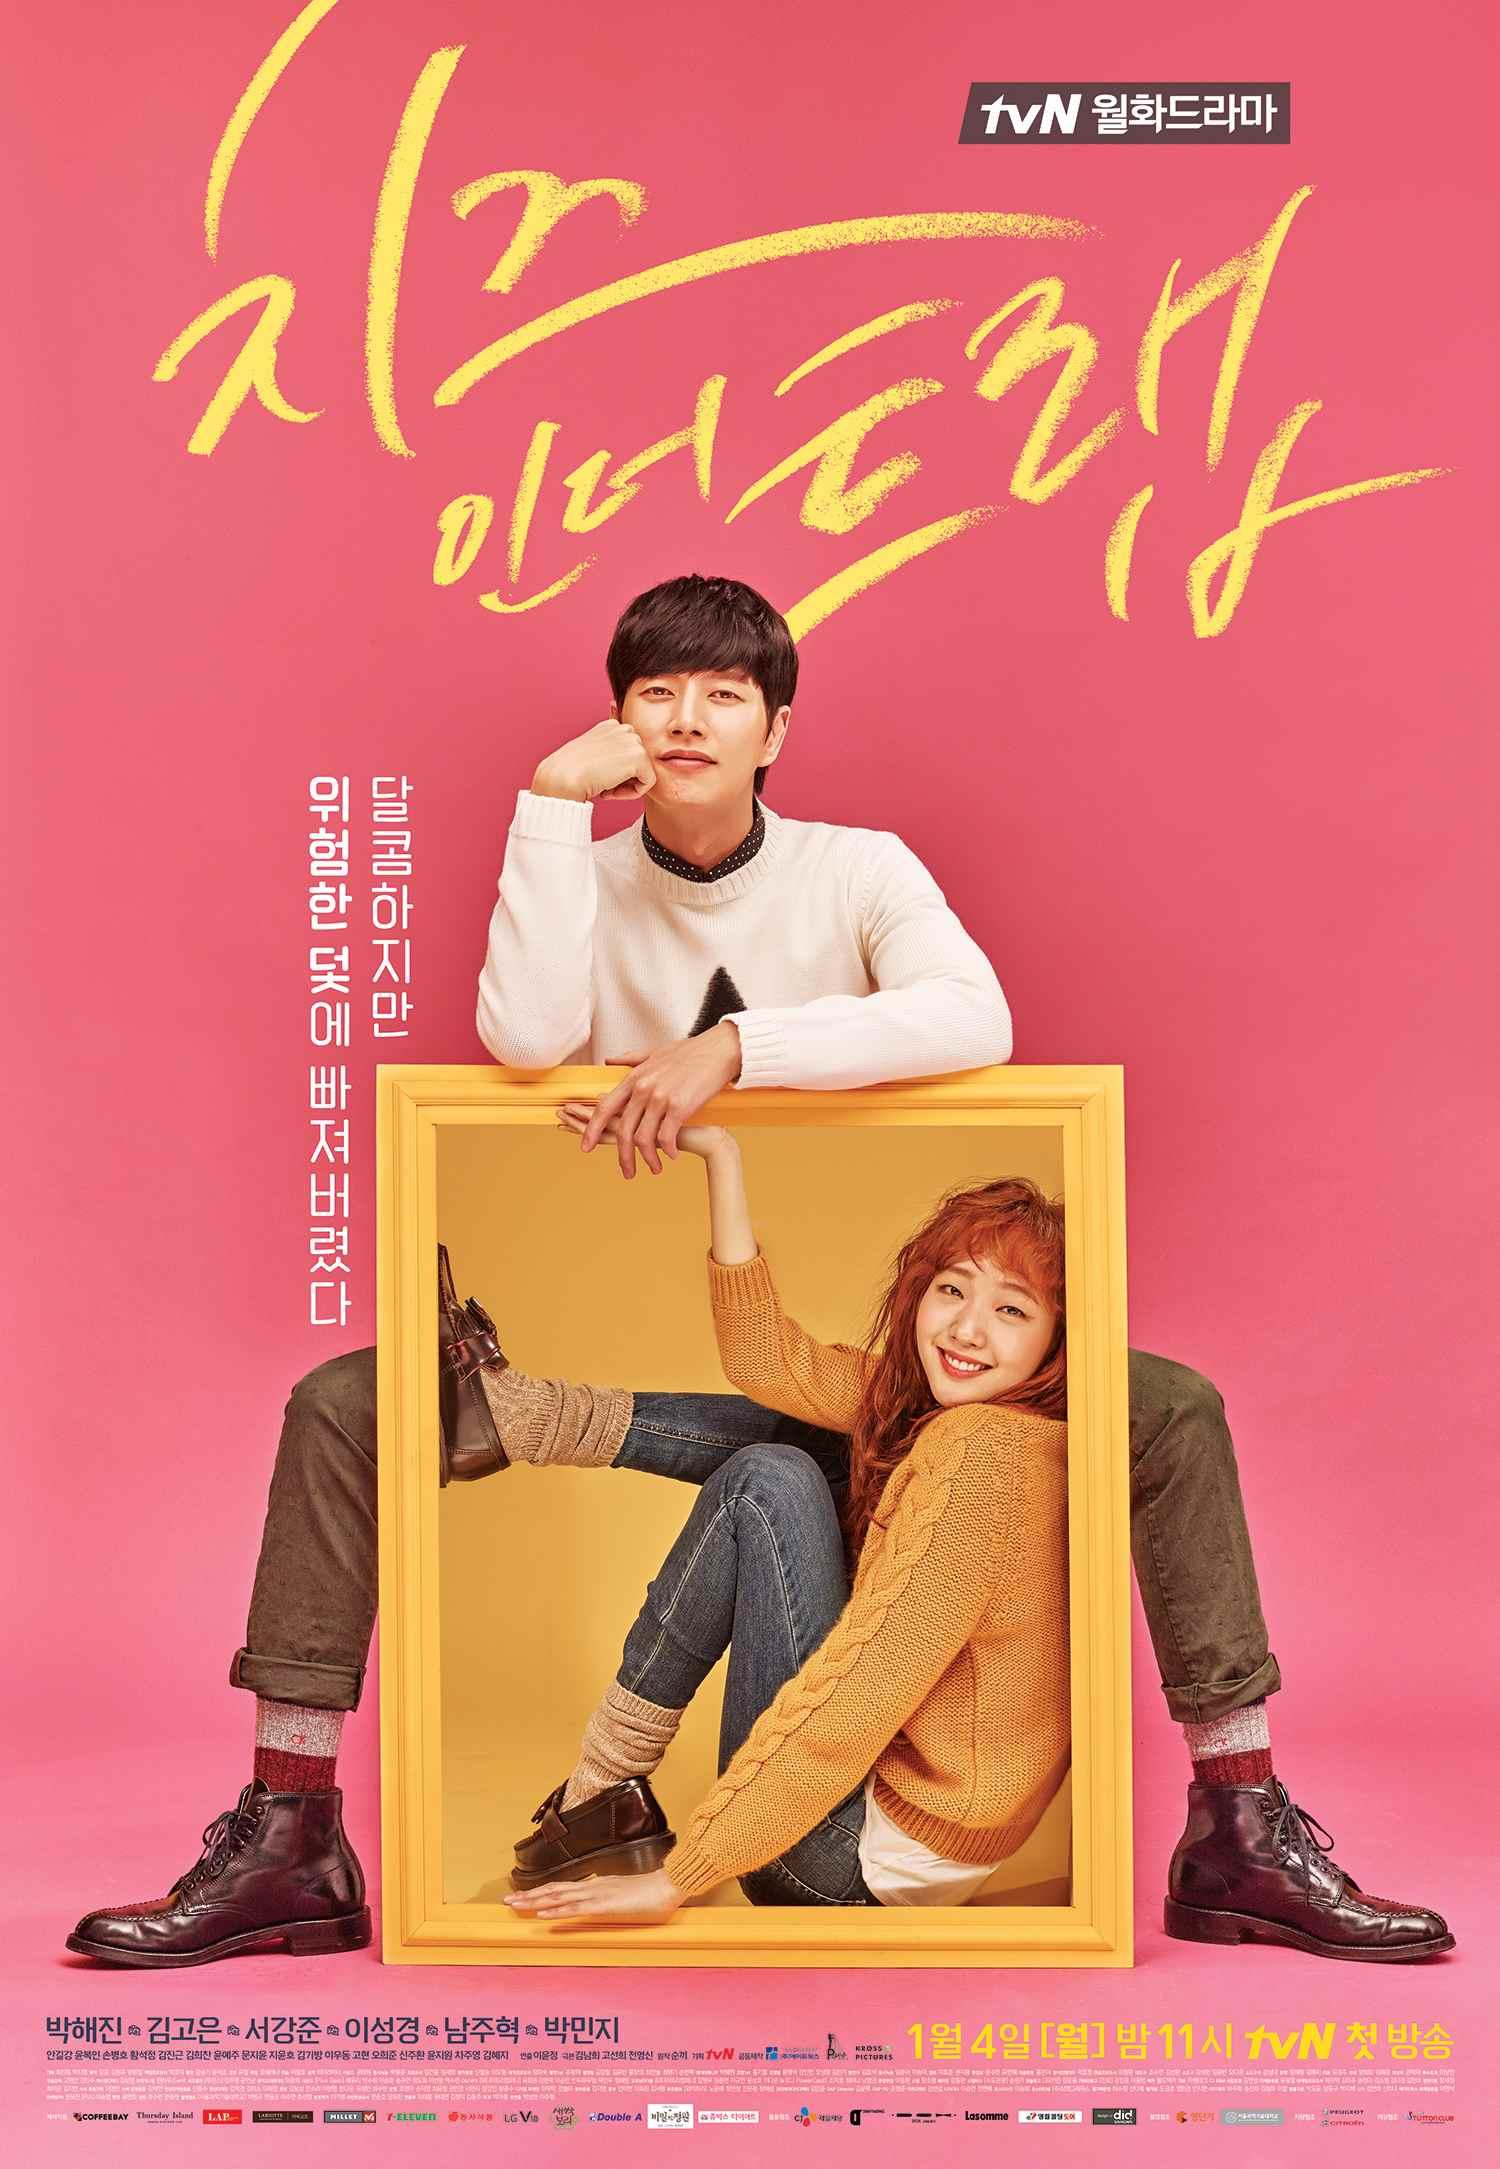 又是tvN我知道!因為《奶酪陷阱》是改編網路漫畫,應該也有人上網熱搜,對照兩邊的劇情吧!?